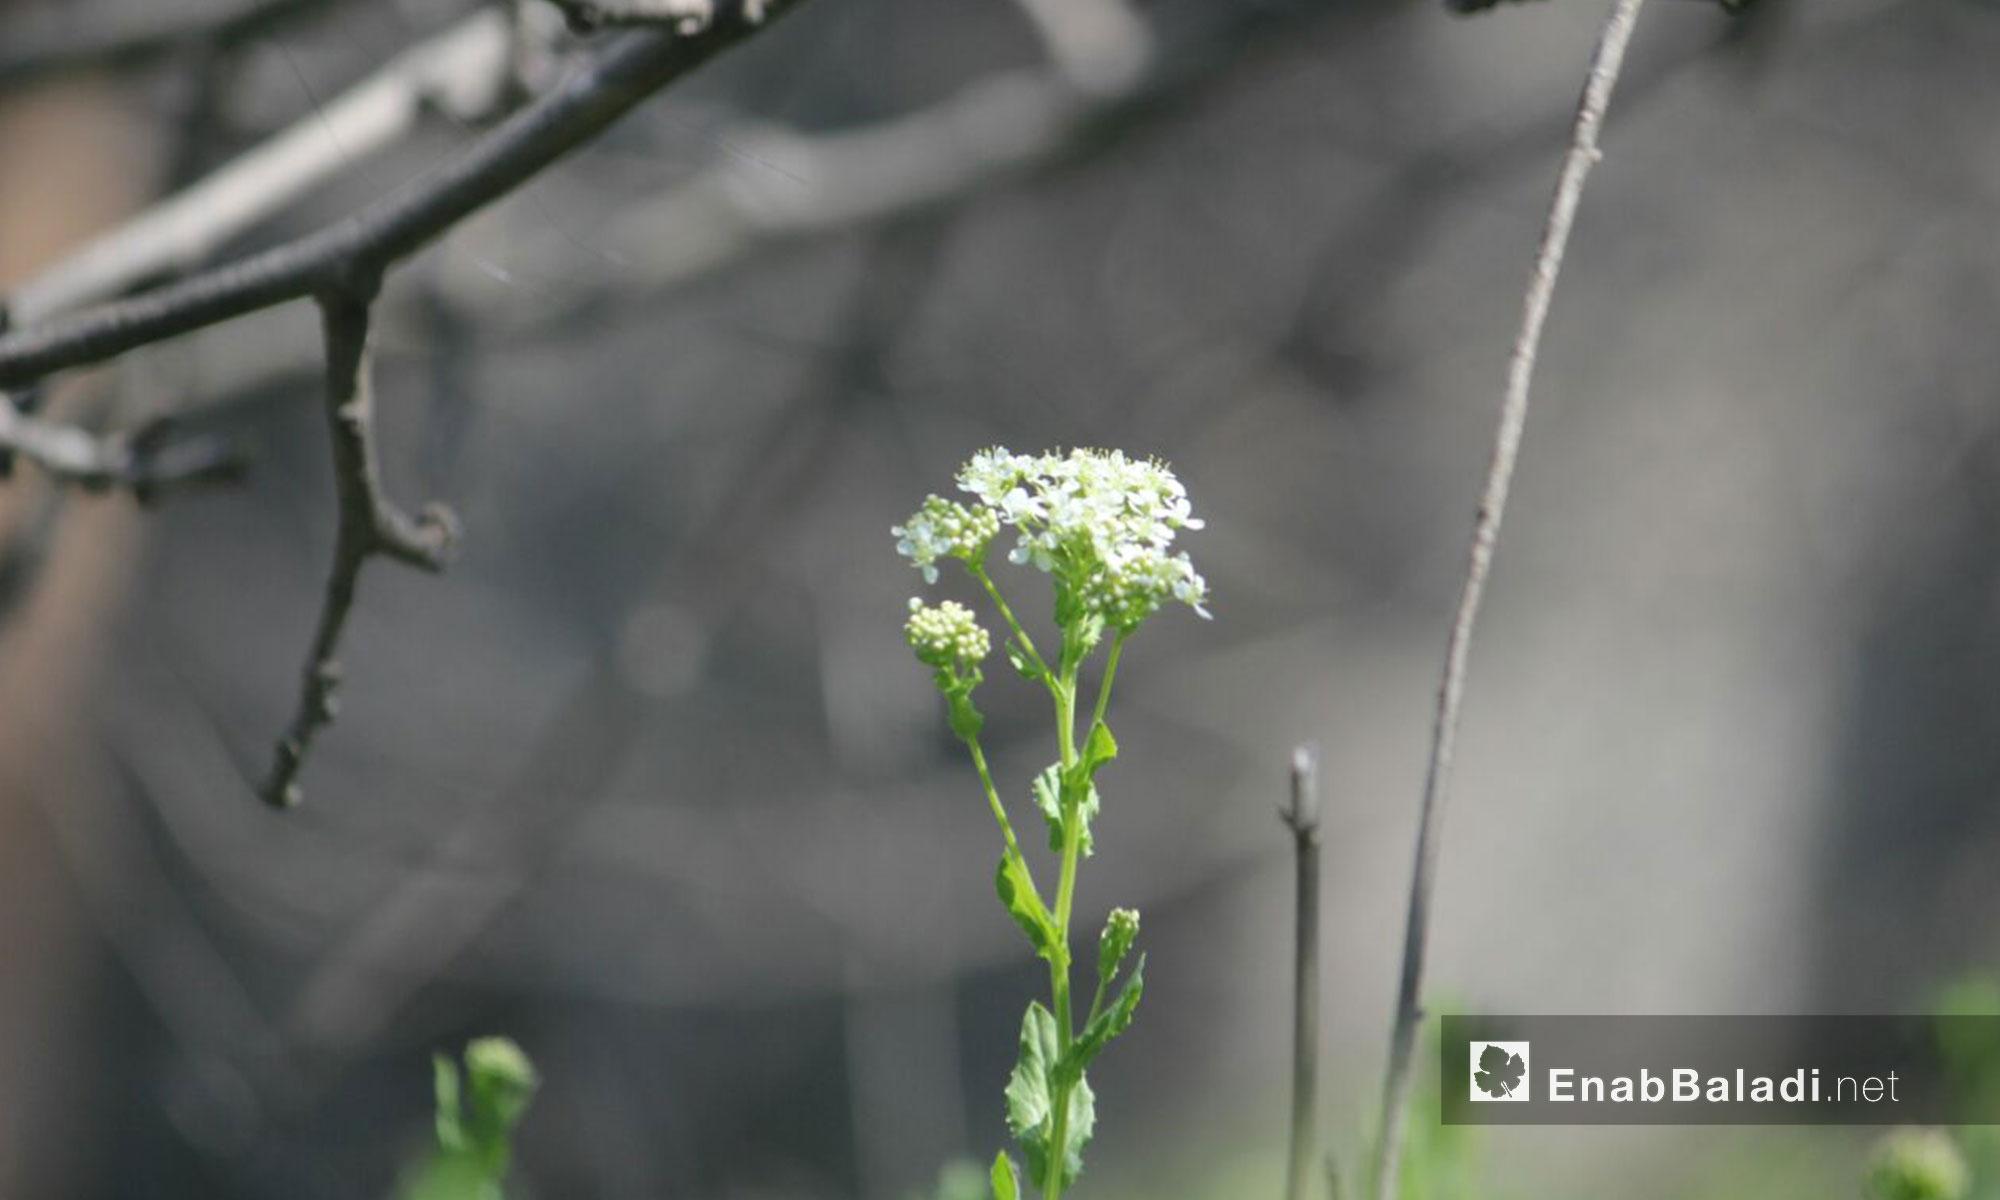 الطبيعة في حي الوعر مع دخول فصل الربيع - 30 آذار 2017 (عنب بلدي)